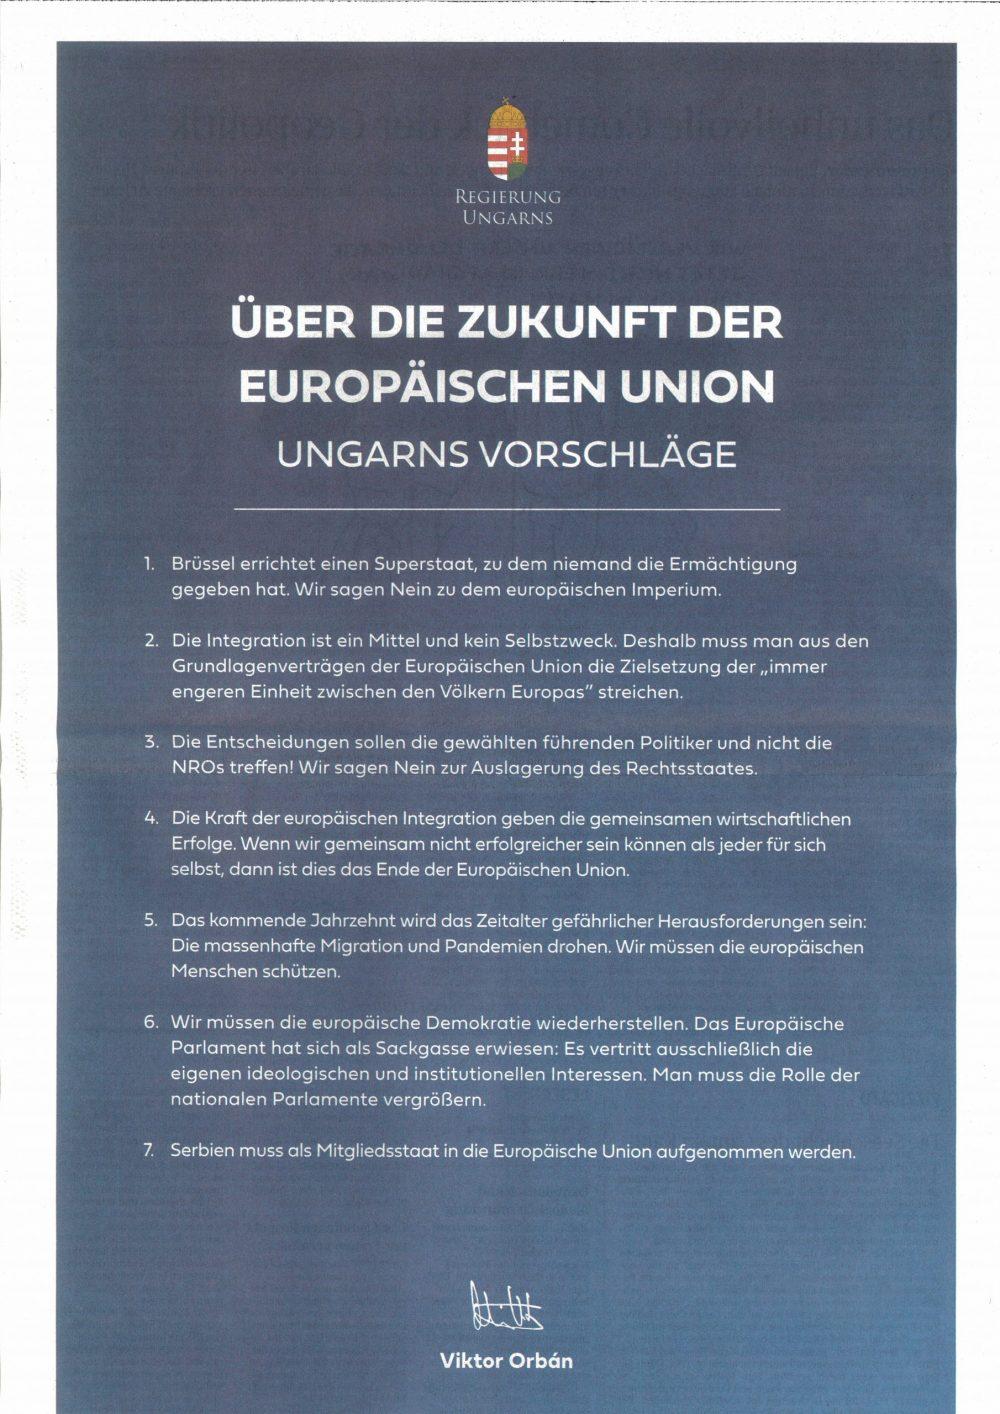 Der 7-Punkte-Plan von Viktor Orban